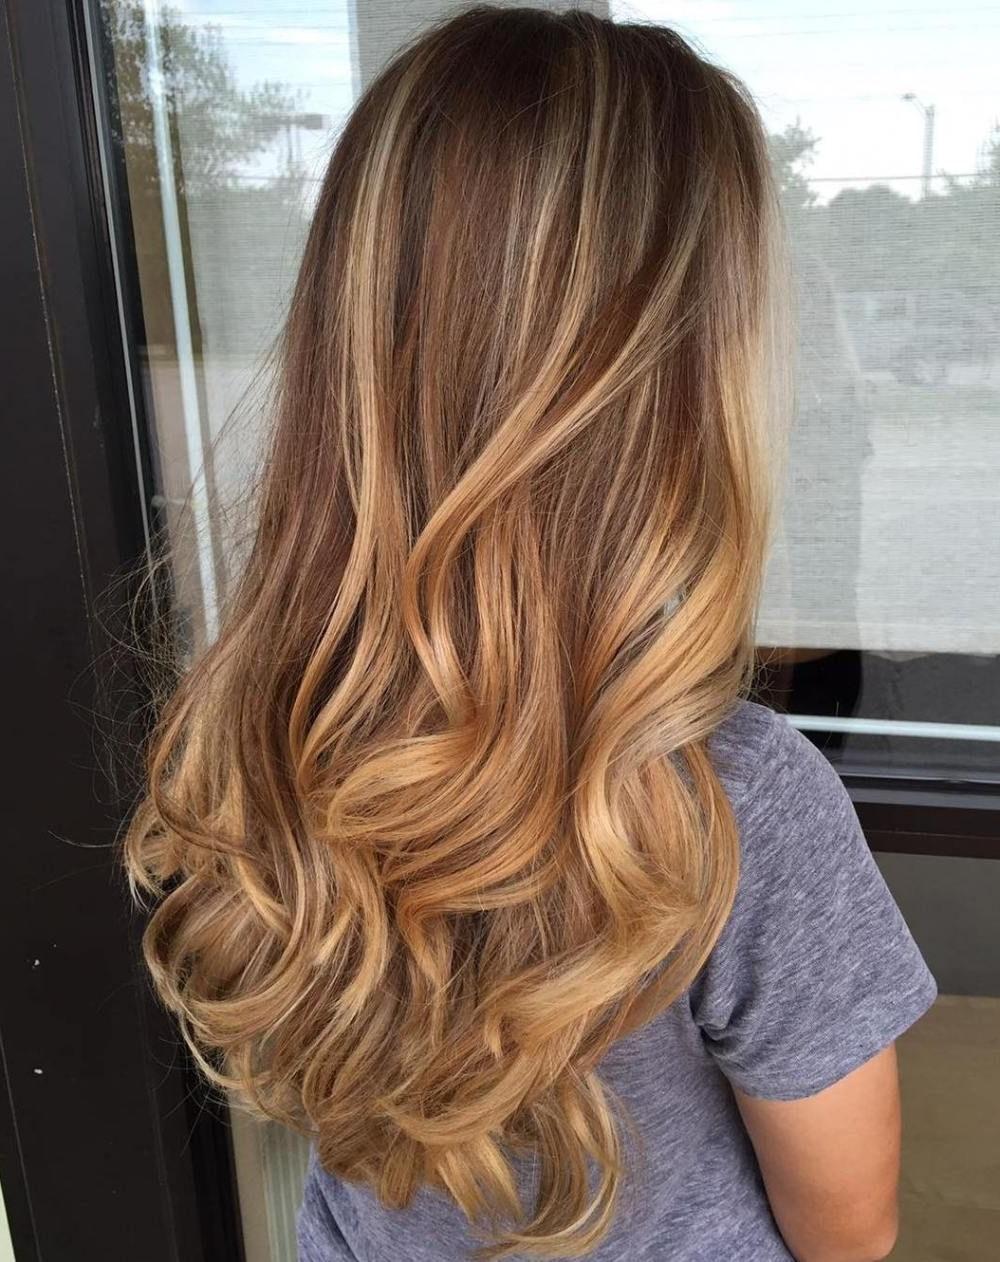 Honey Blonde Balayage Hair (View 13 of 20)